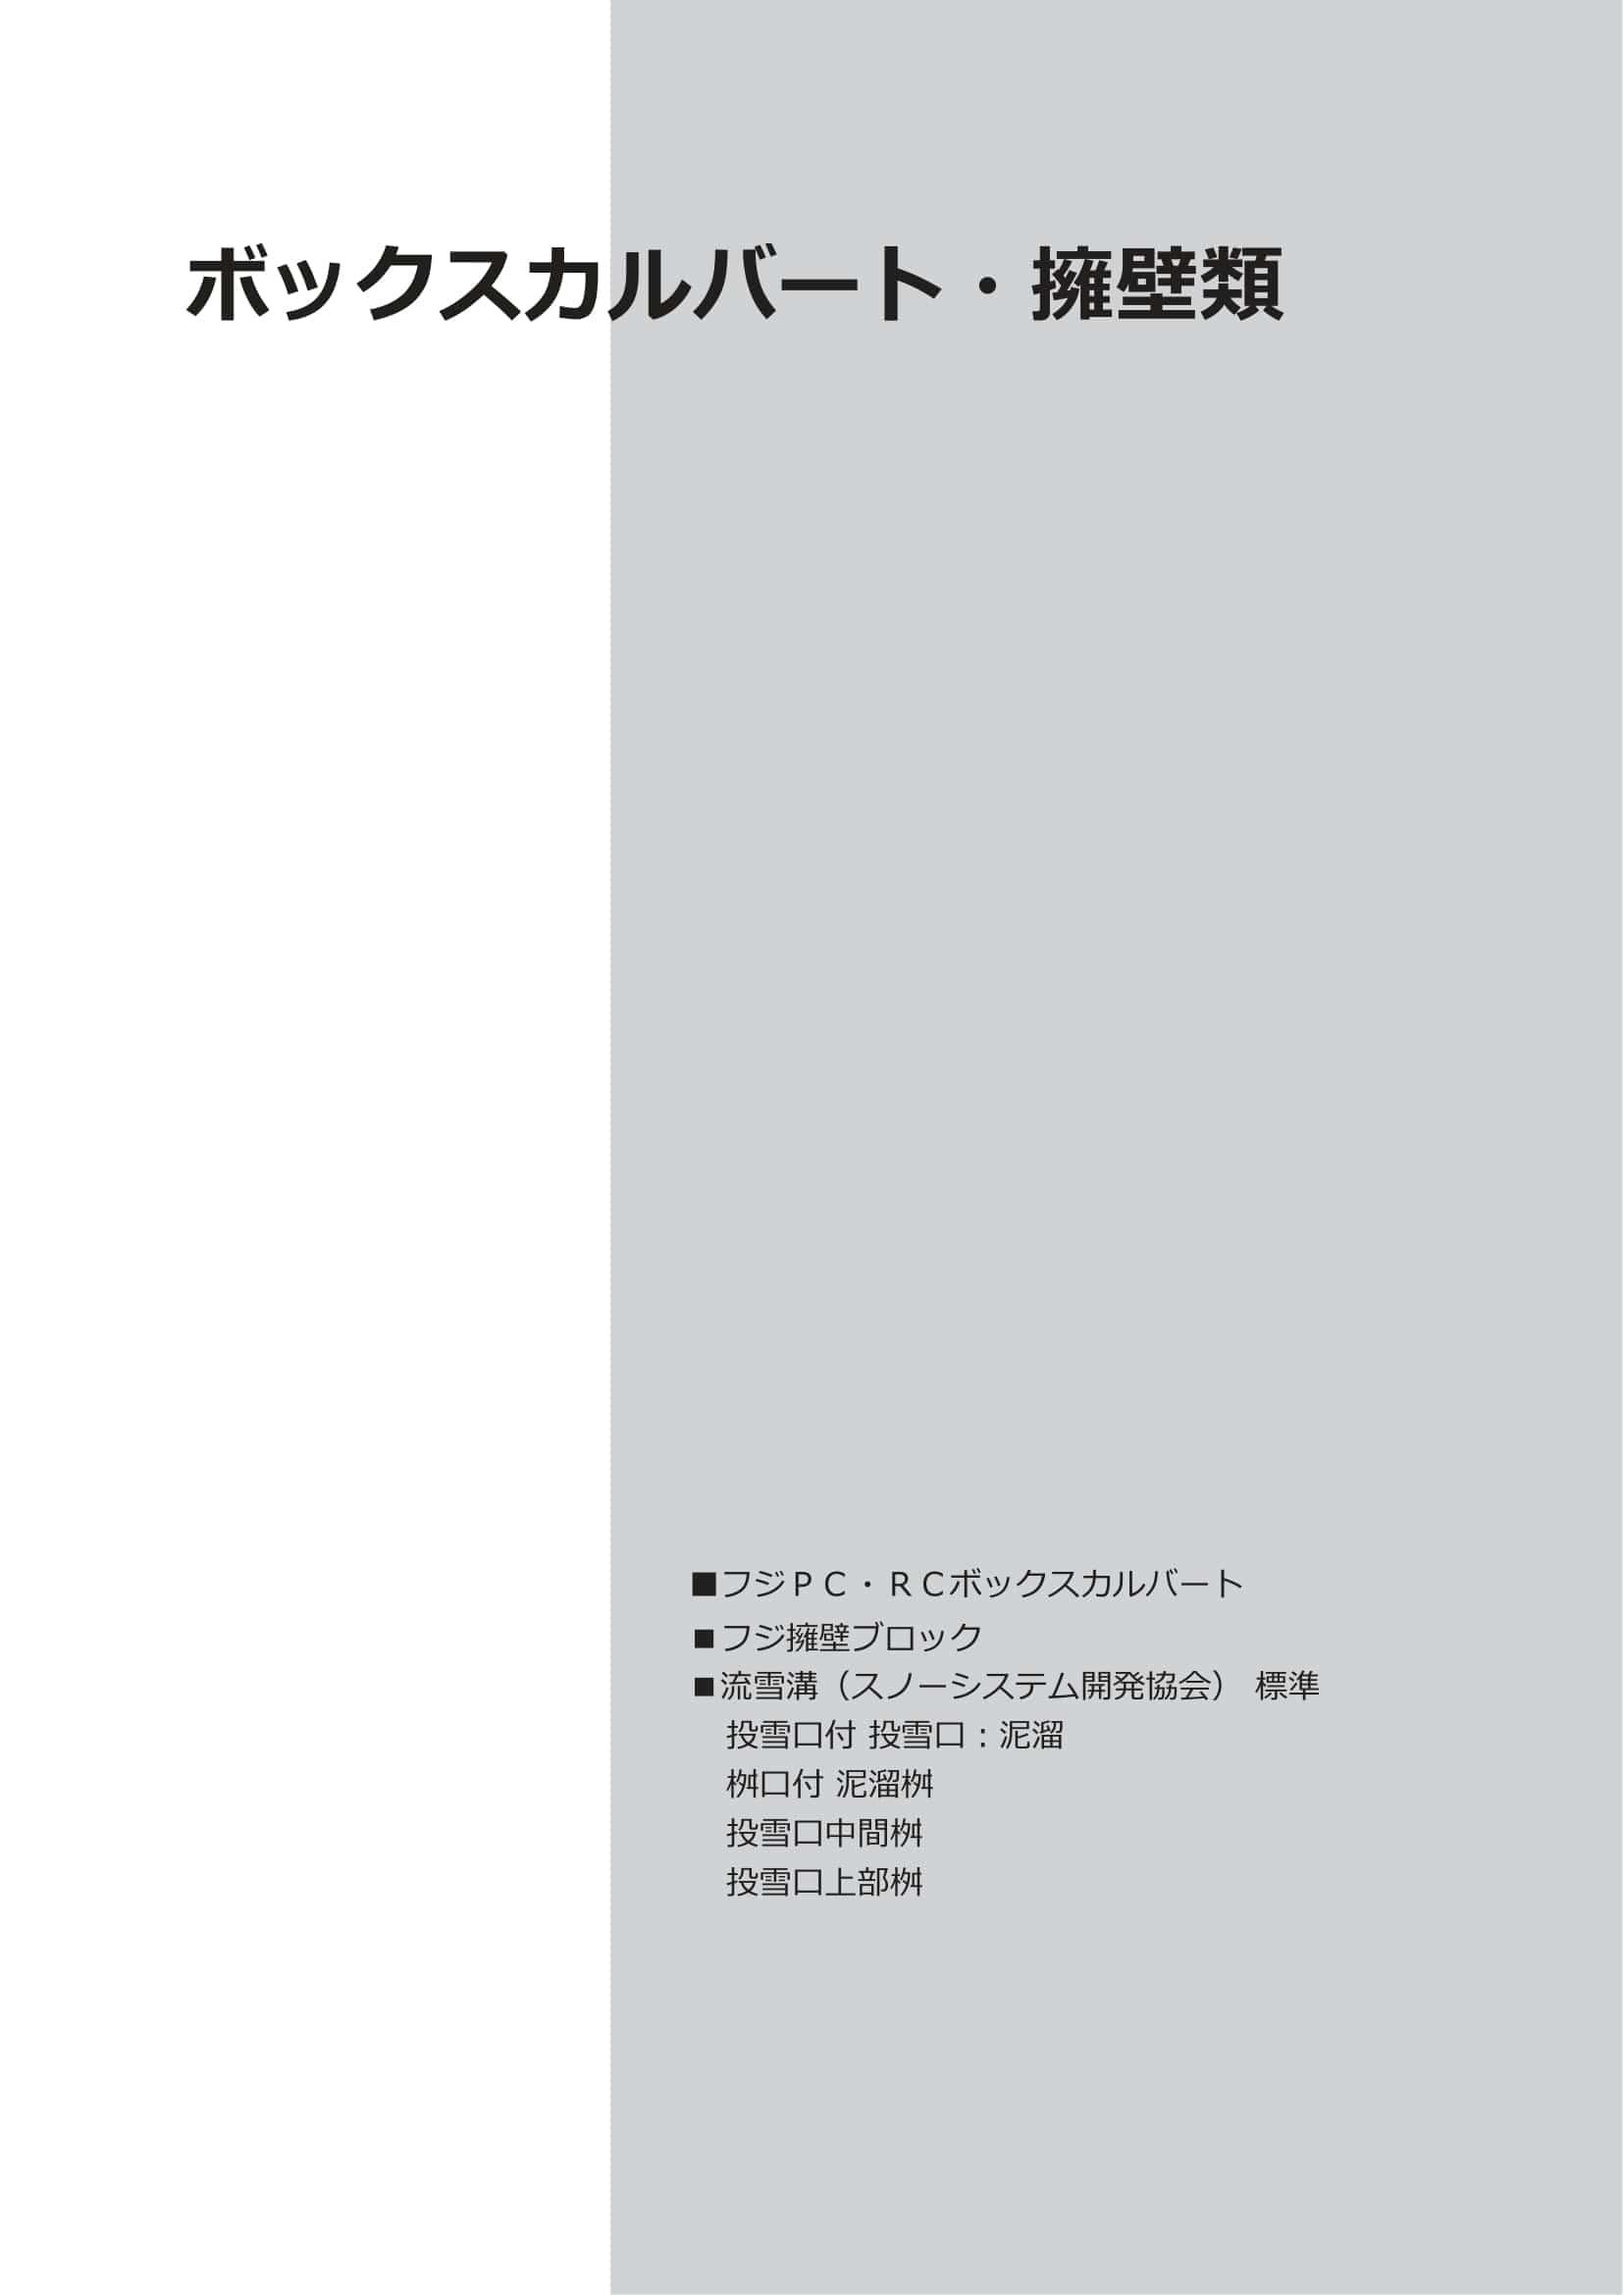 富士コンクリート/ボックスカルバート・擁壁類WEBカタログ